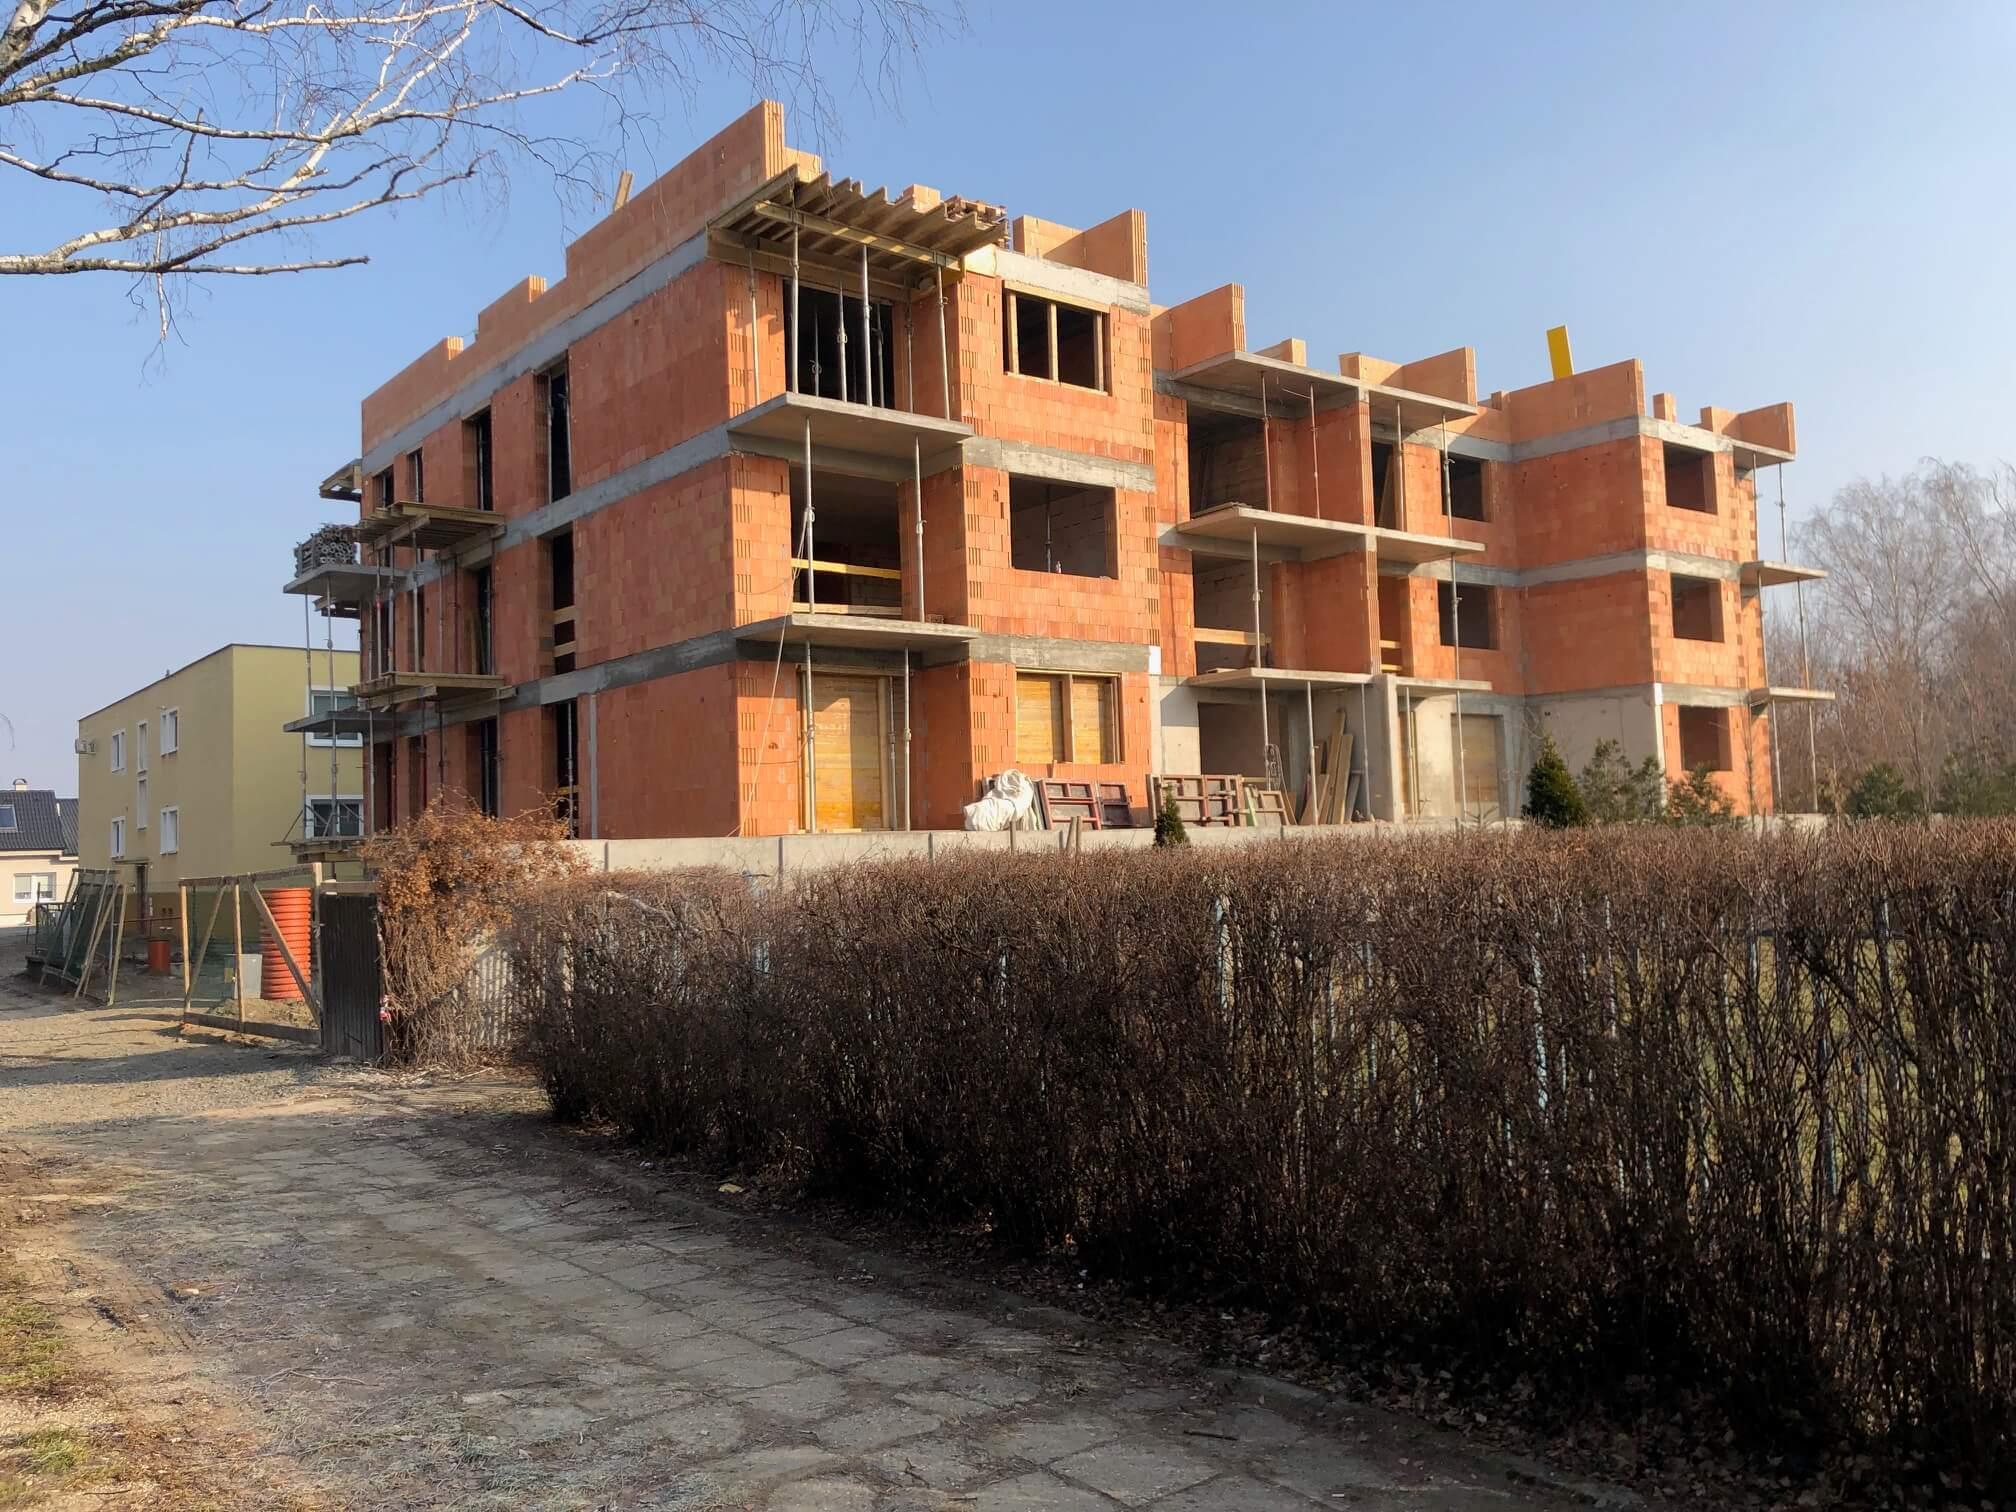 Predané: Novostavba 4 Izbový, M-House, Malacky centrum, 91,60m2, Loggia 15,29m2-18